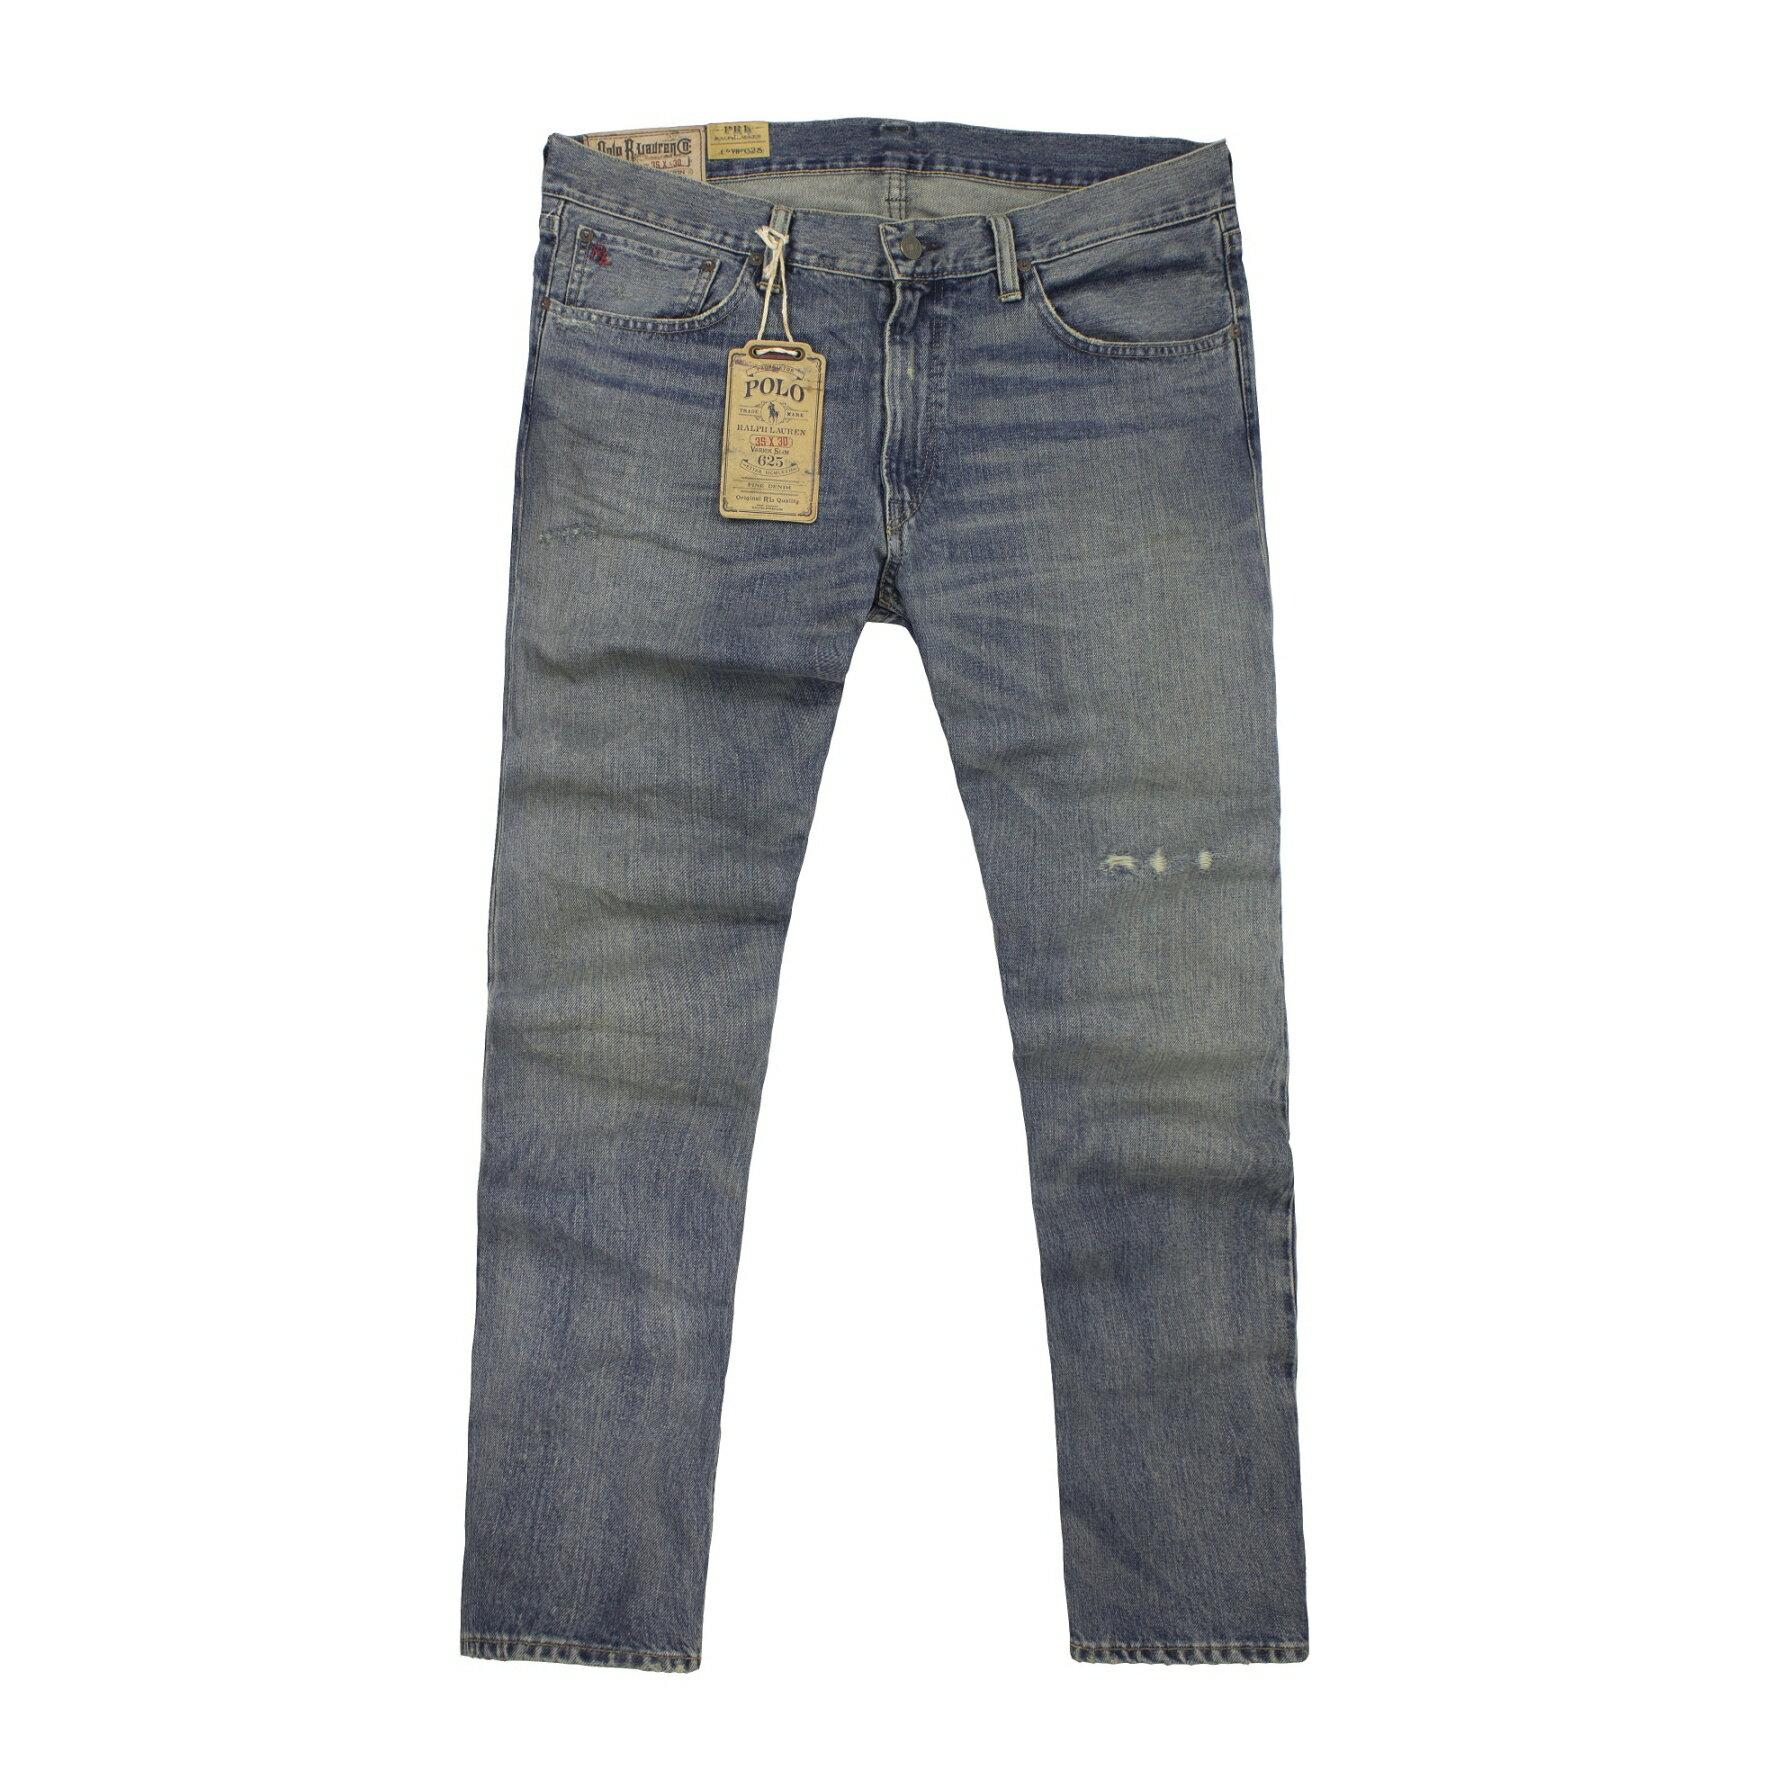 美國百分百【全新真品】Ralph Lauren 褲子 RL 牛仔褲 長褲 休閒 Polo 丹寧 刷白 刷破 窄管 男 35腰